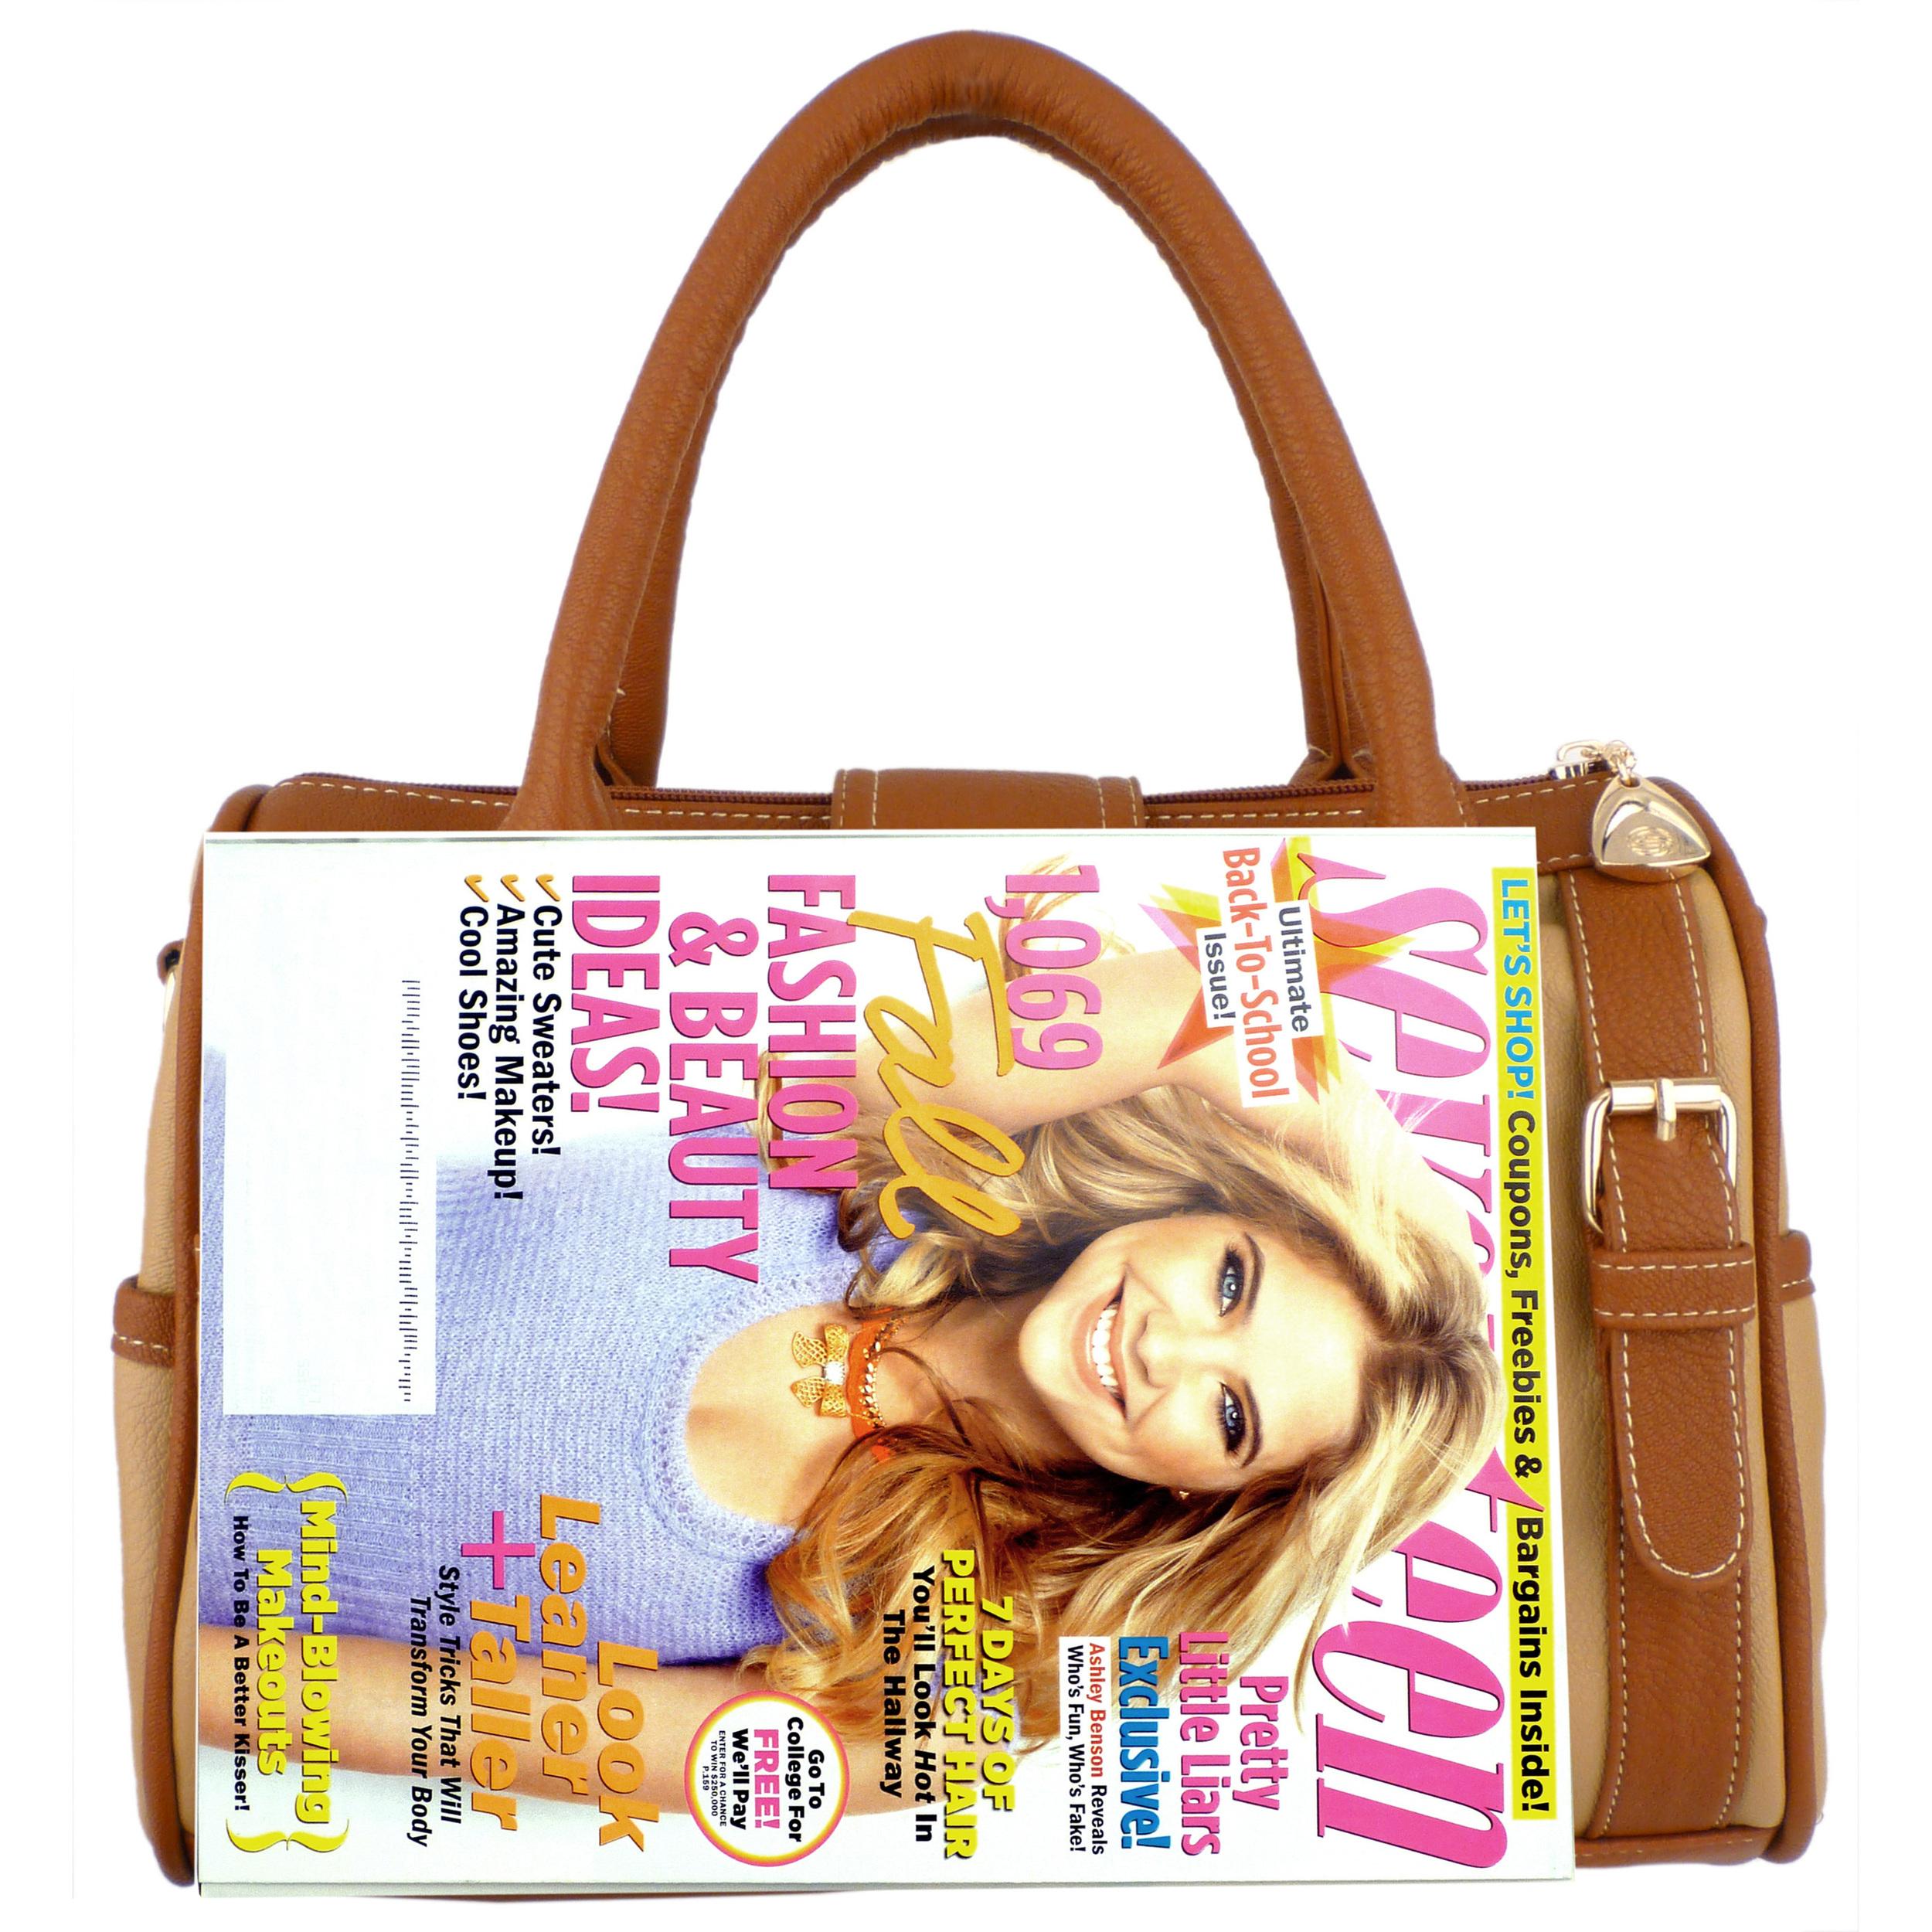 BRADLEY Brown Dual-tone Bowler Style Handbag Size